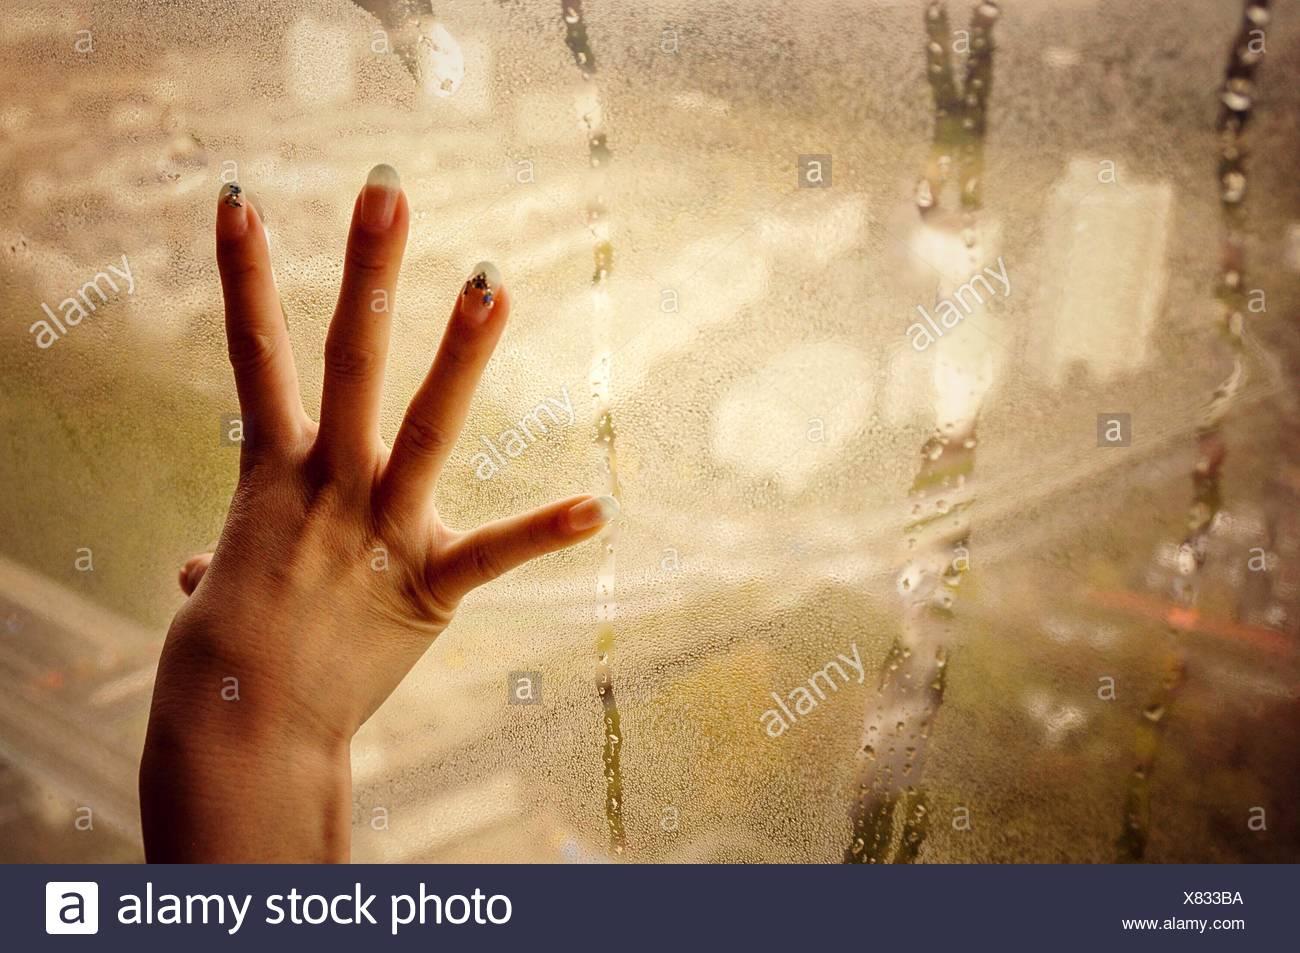 La main coupée sur verre Condensé Photo Stock